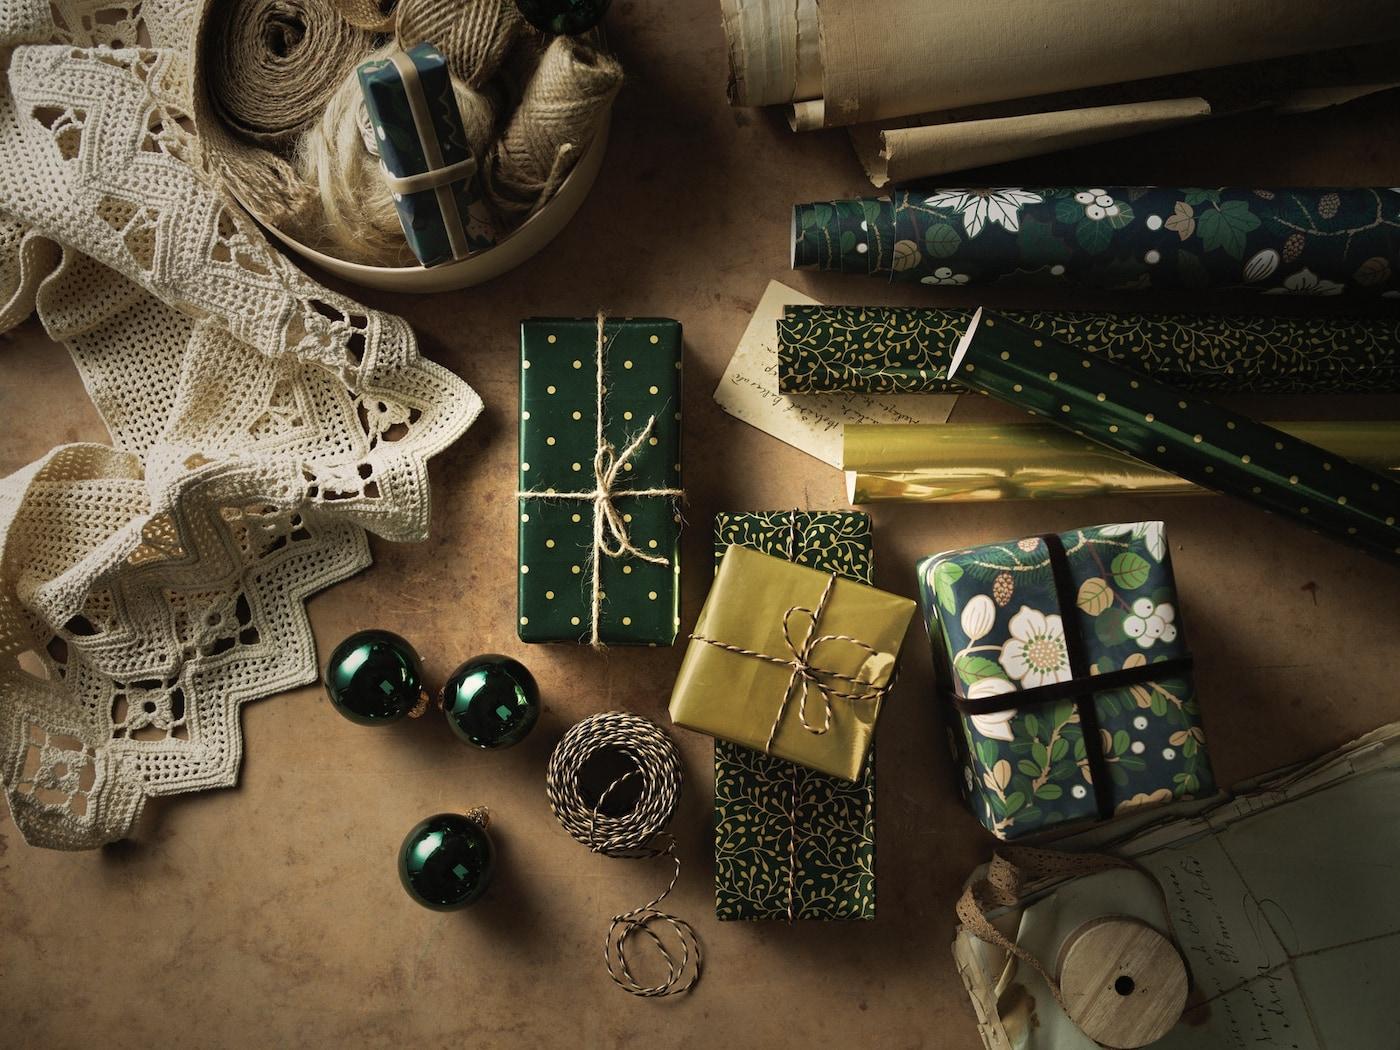 Regalos de Navidad - ideas de regalos sostenibles